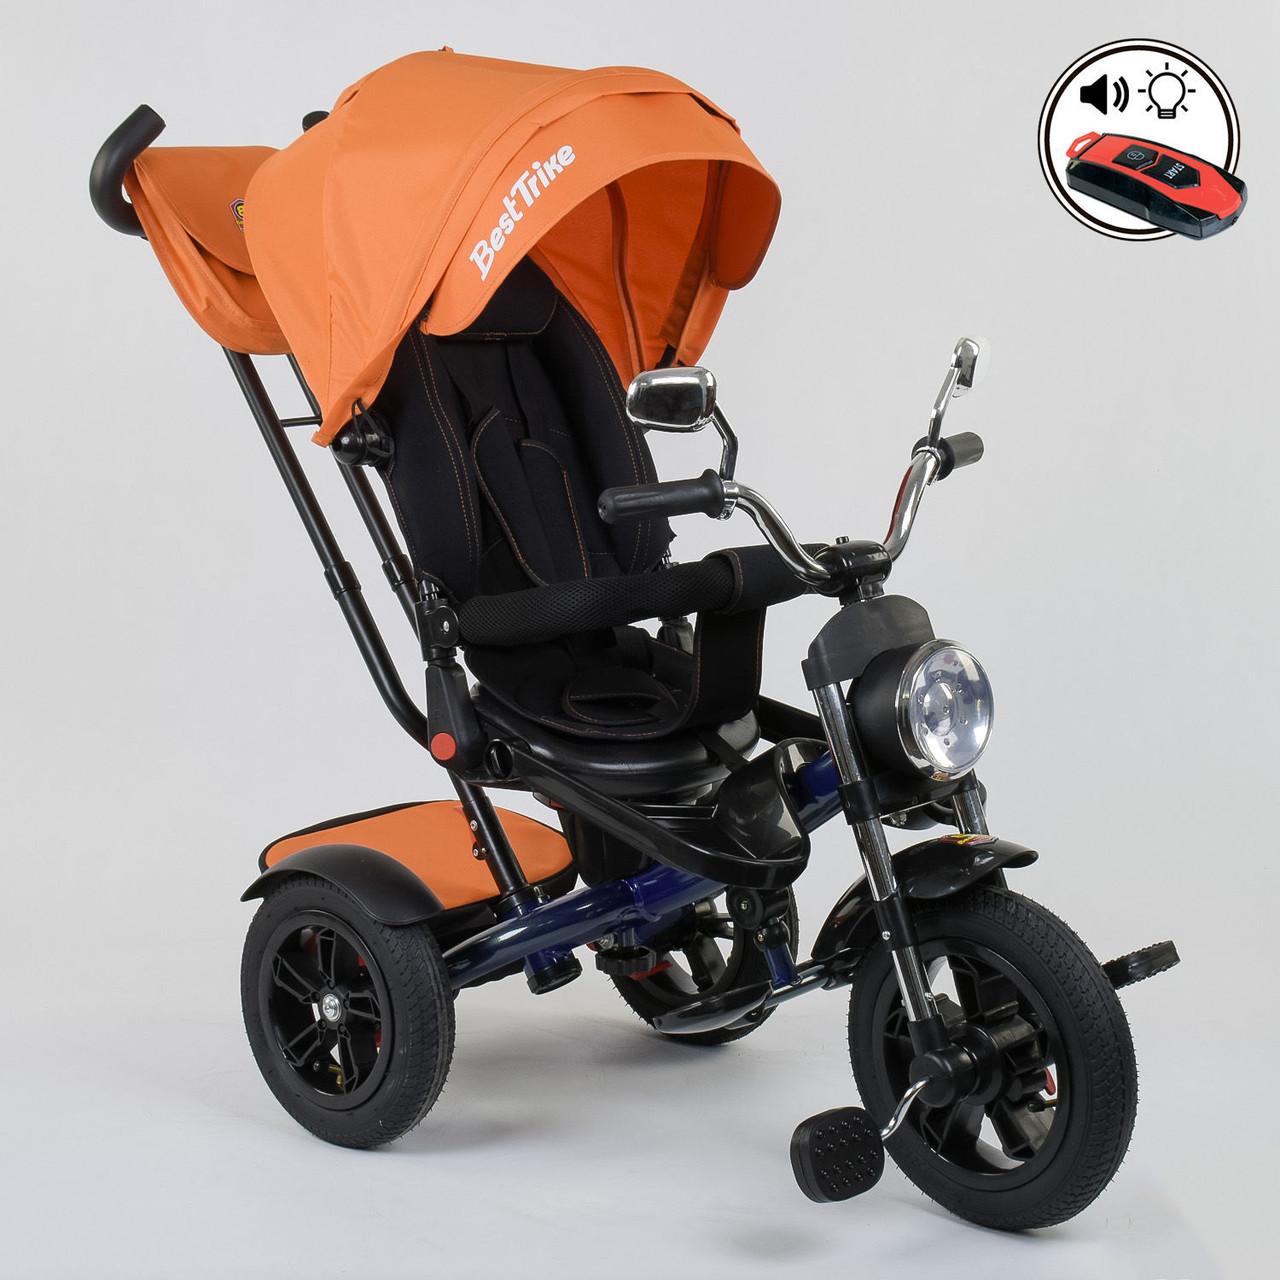 efe33ed3beeda Детский трехколесный велосипед Best Trike 4490-2903 Гарантия качества Бесплатная  доставка - KIDSas магазин-